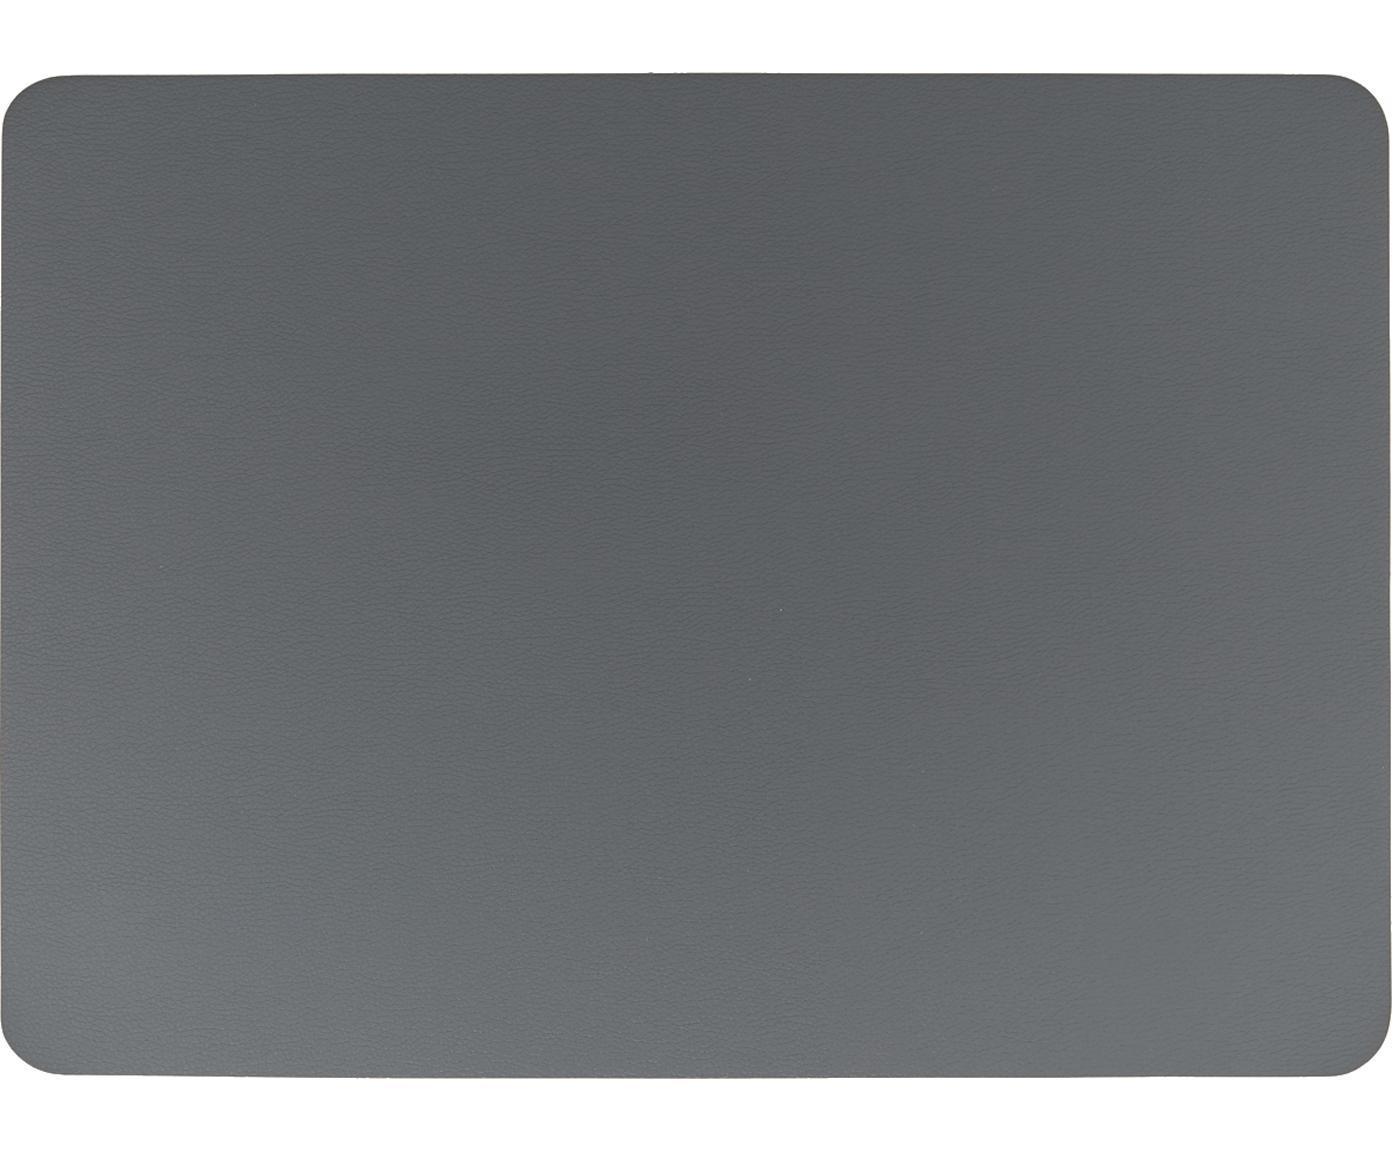 Placemats Pik, 2 stuks, Kunststof (PVC), Antraciet, 33 x 46 cm